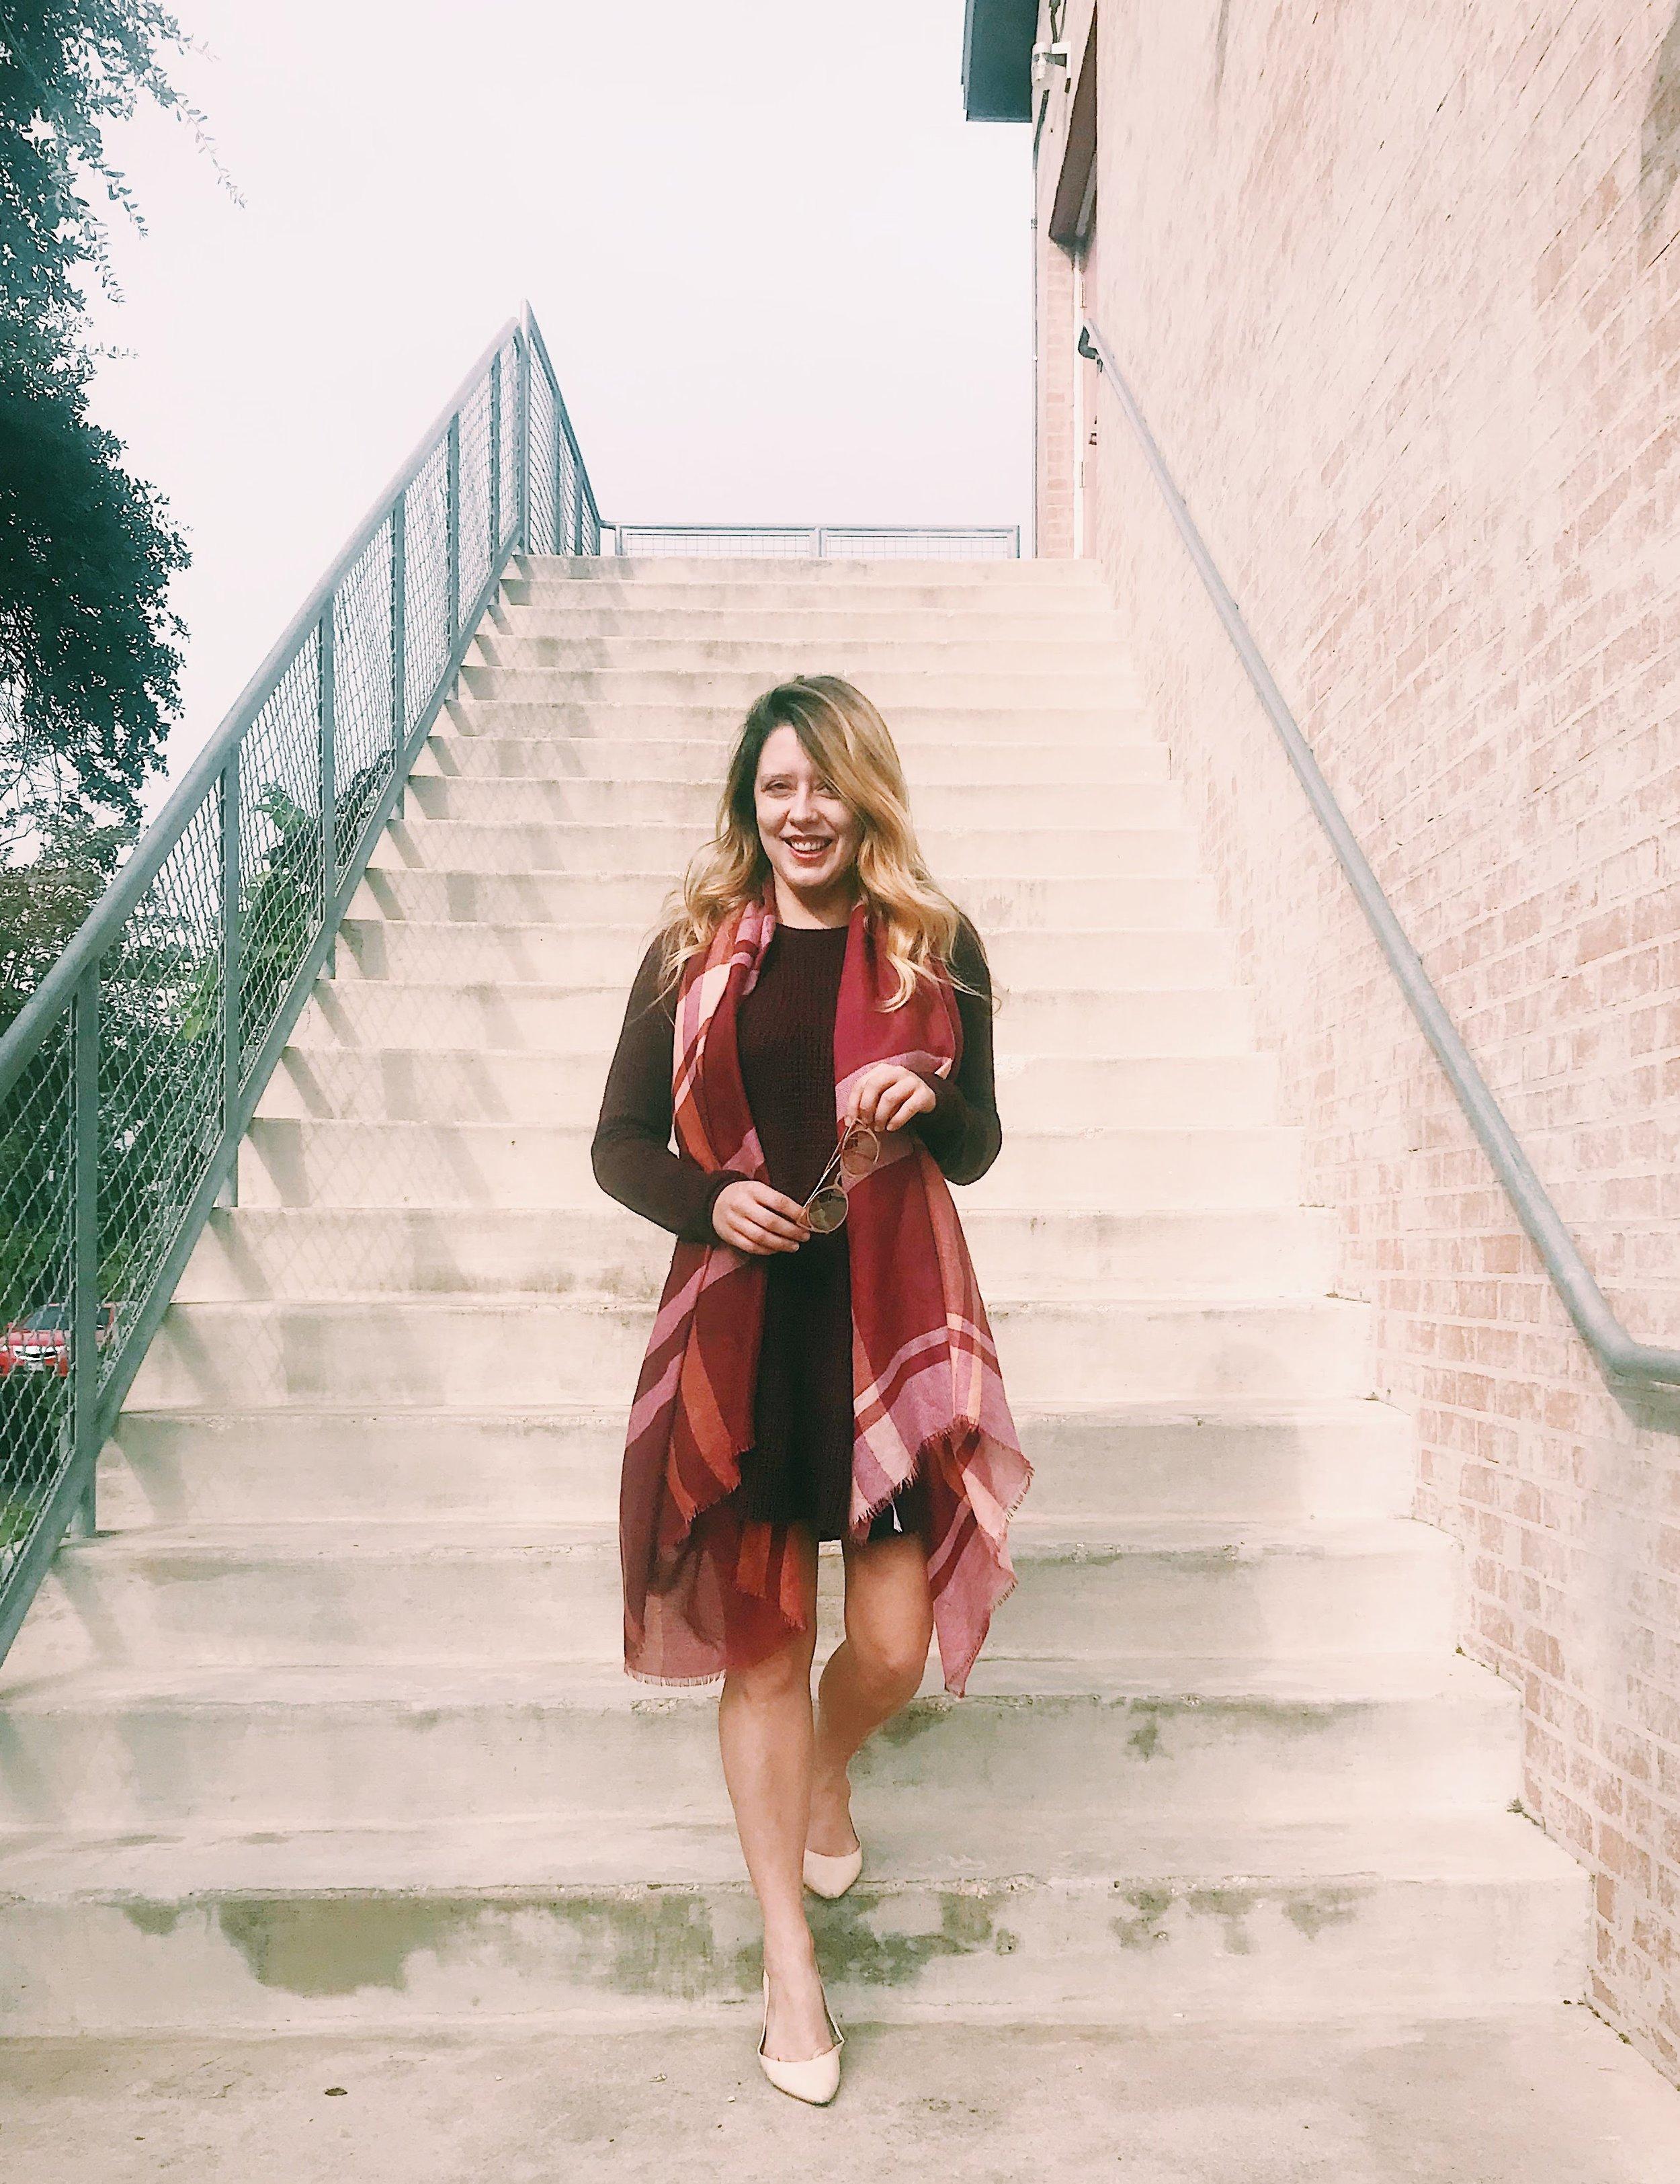 Three Heel Clicks - Sweater Dress (6).jpg